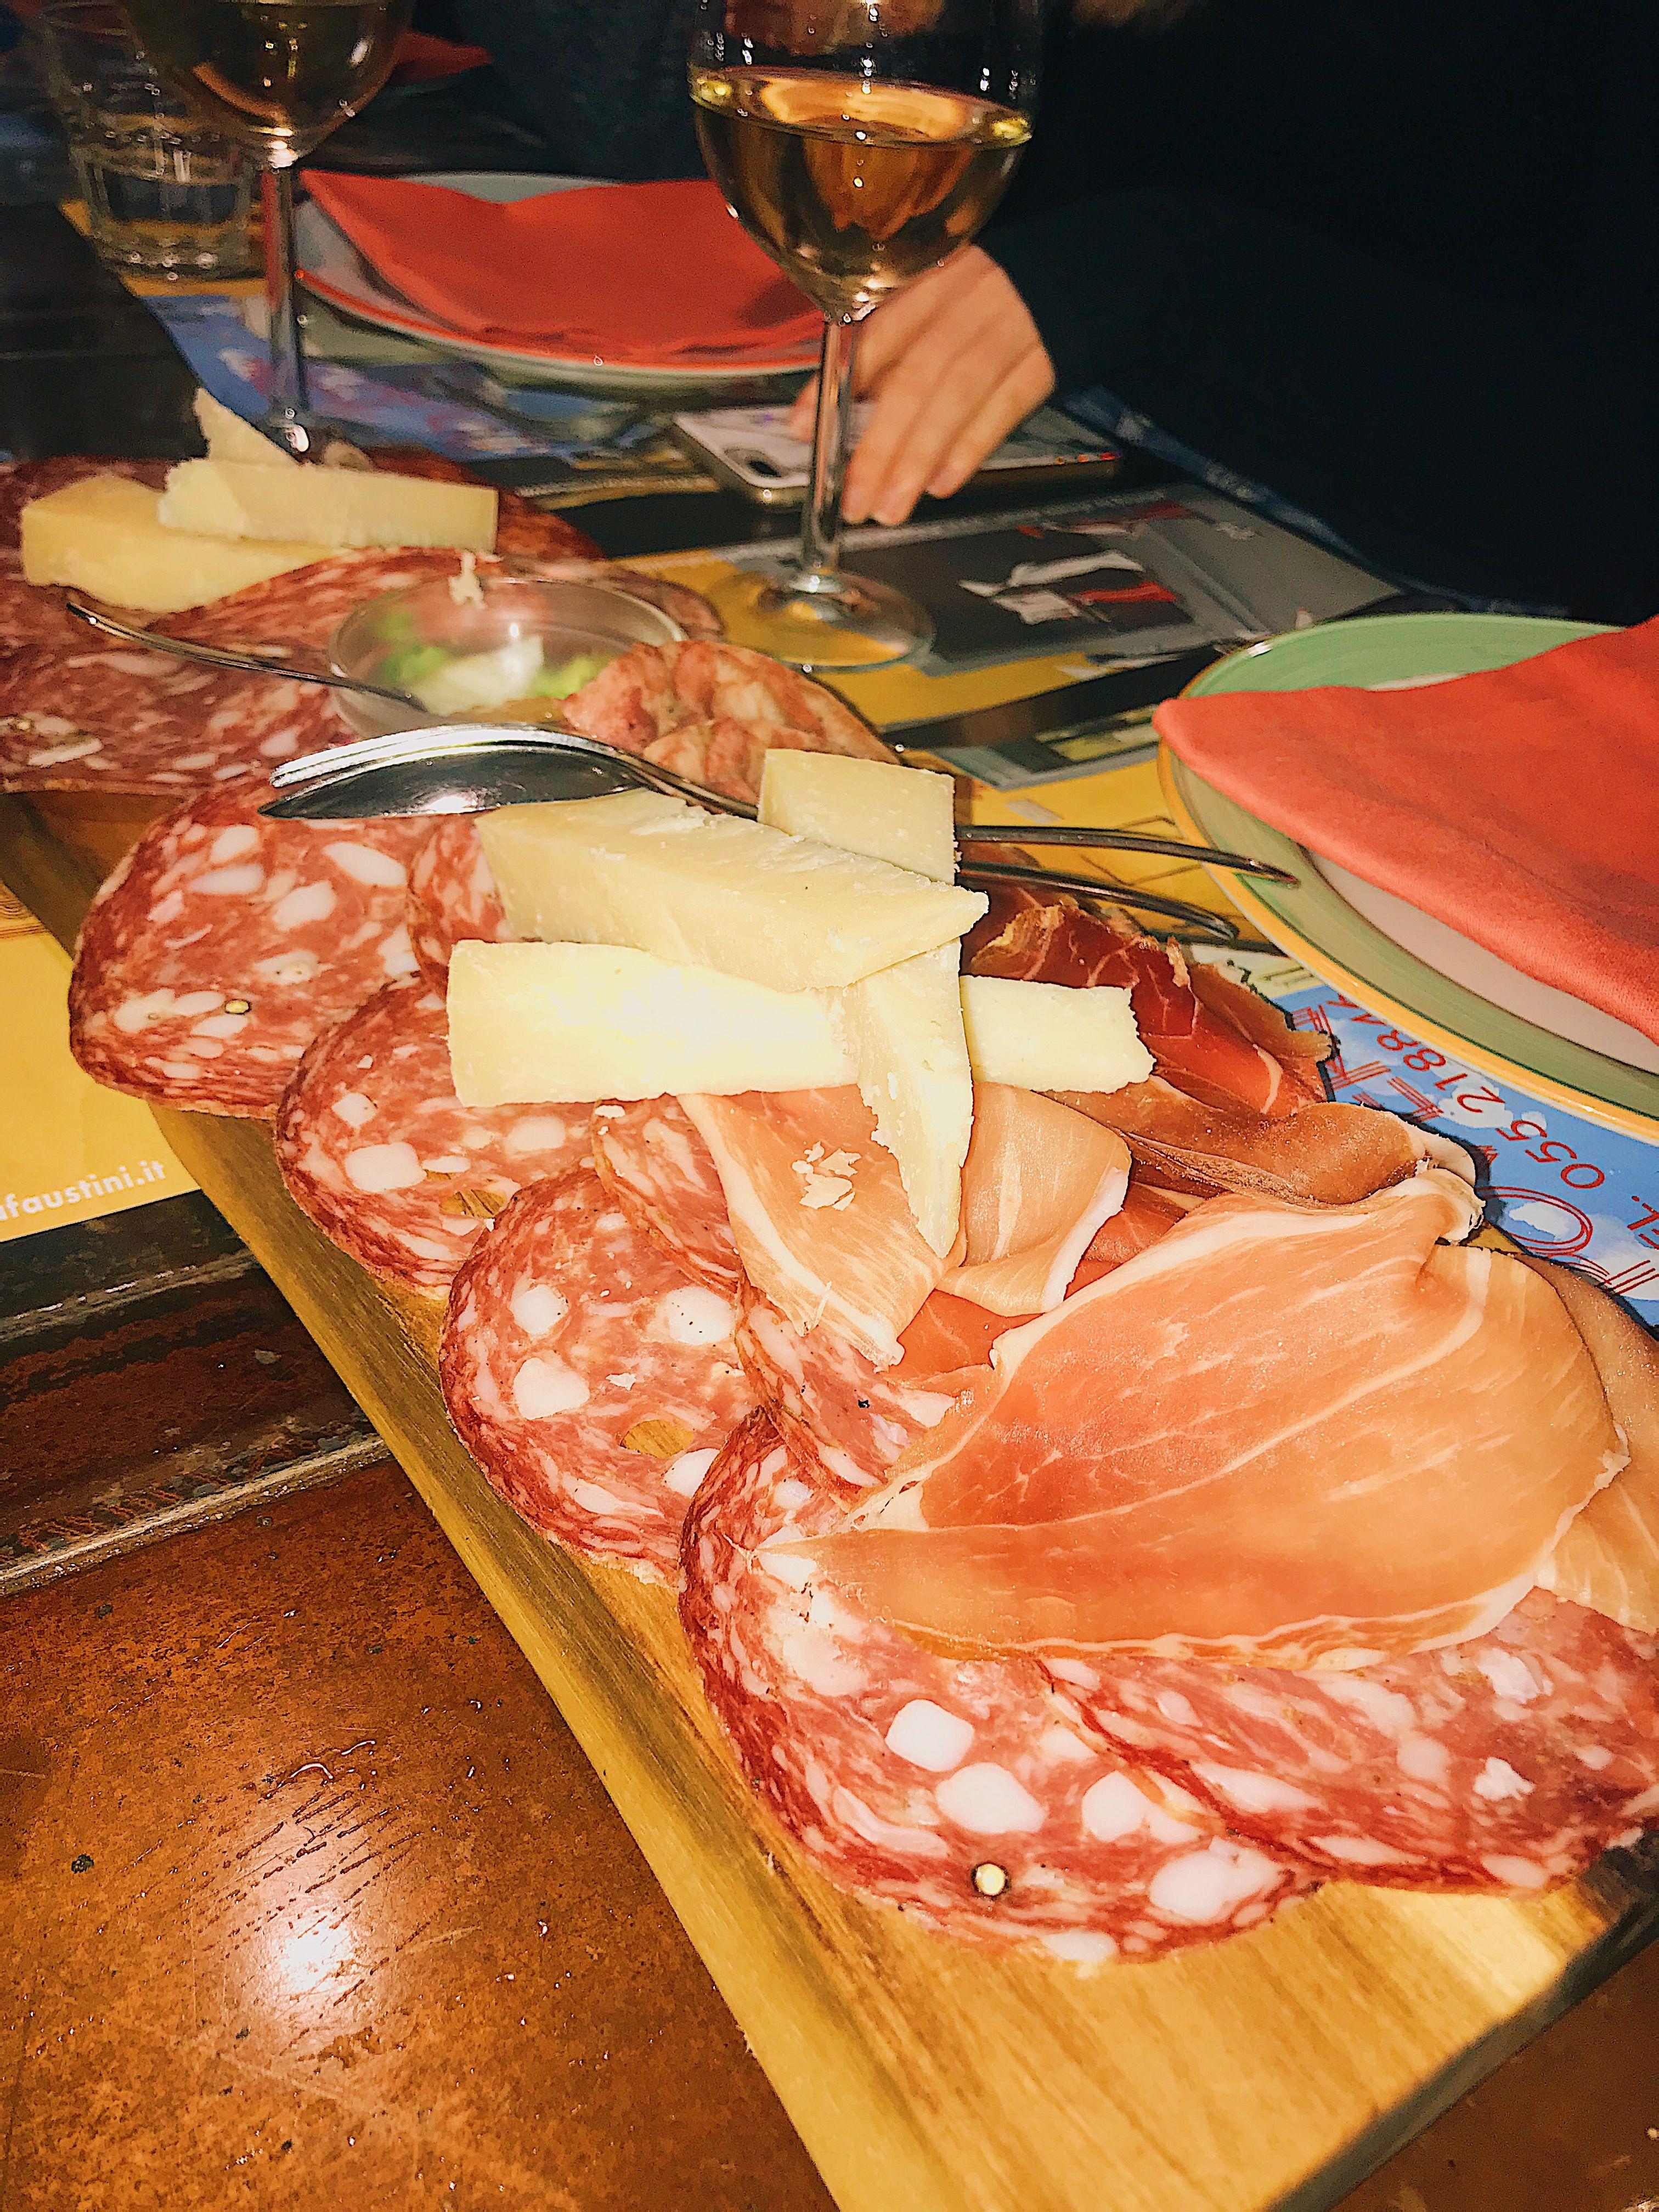 Prosciutto Cheese Charcuterie Board In 2020 Prosciutto Cheese Charcuterie Charcuterie Board